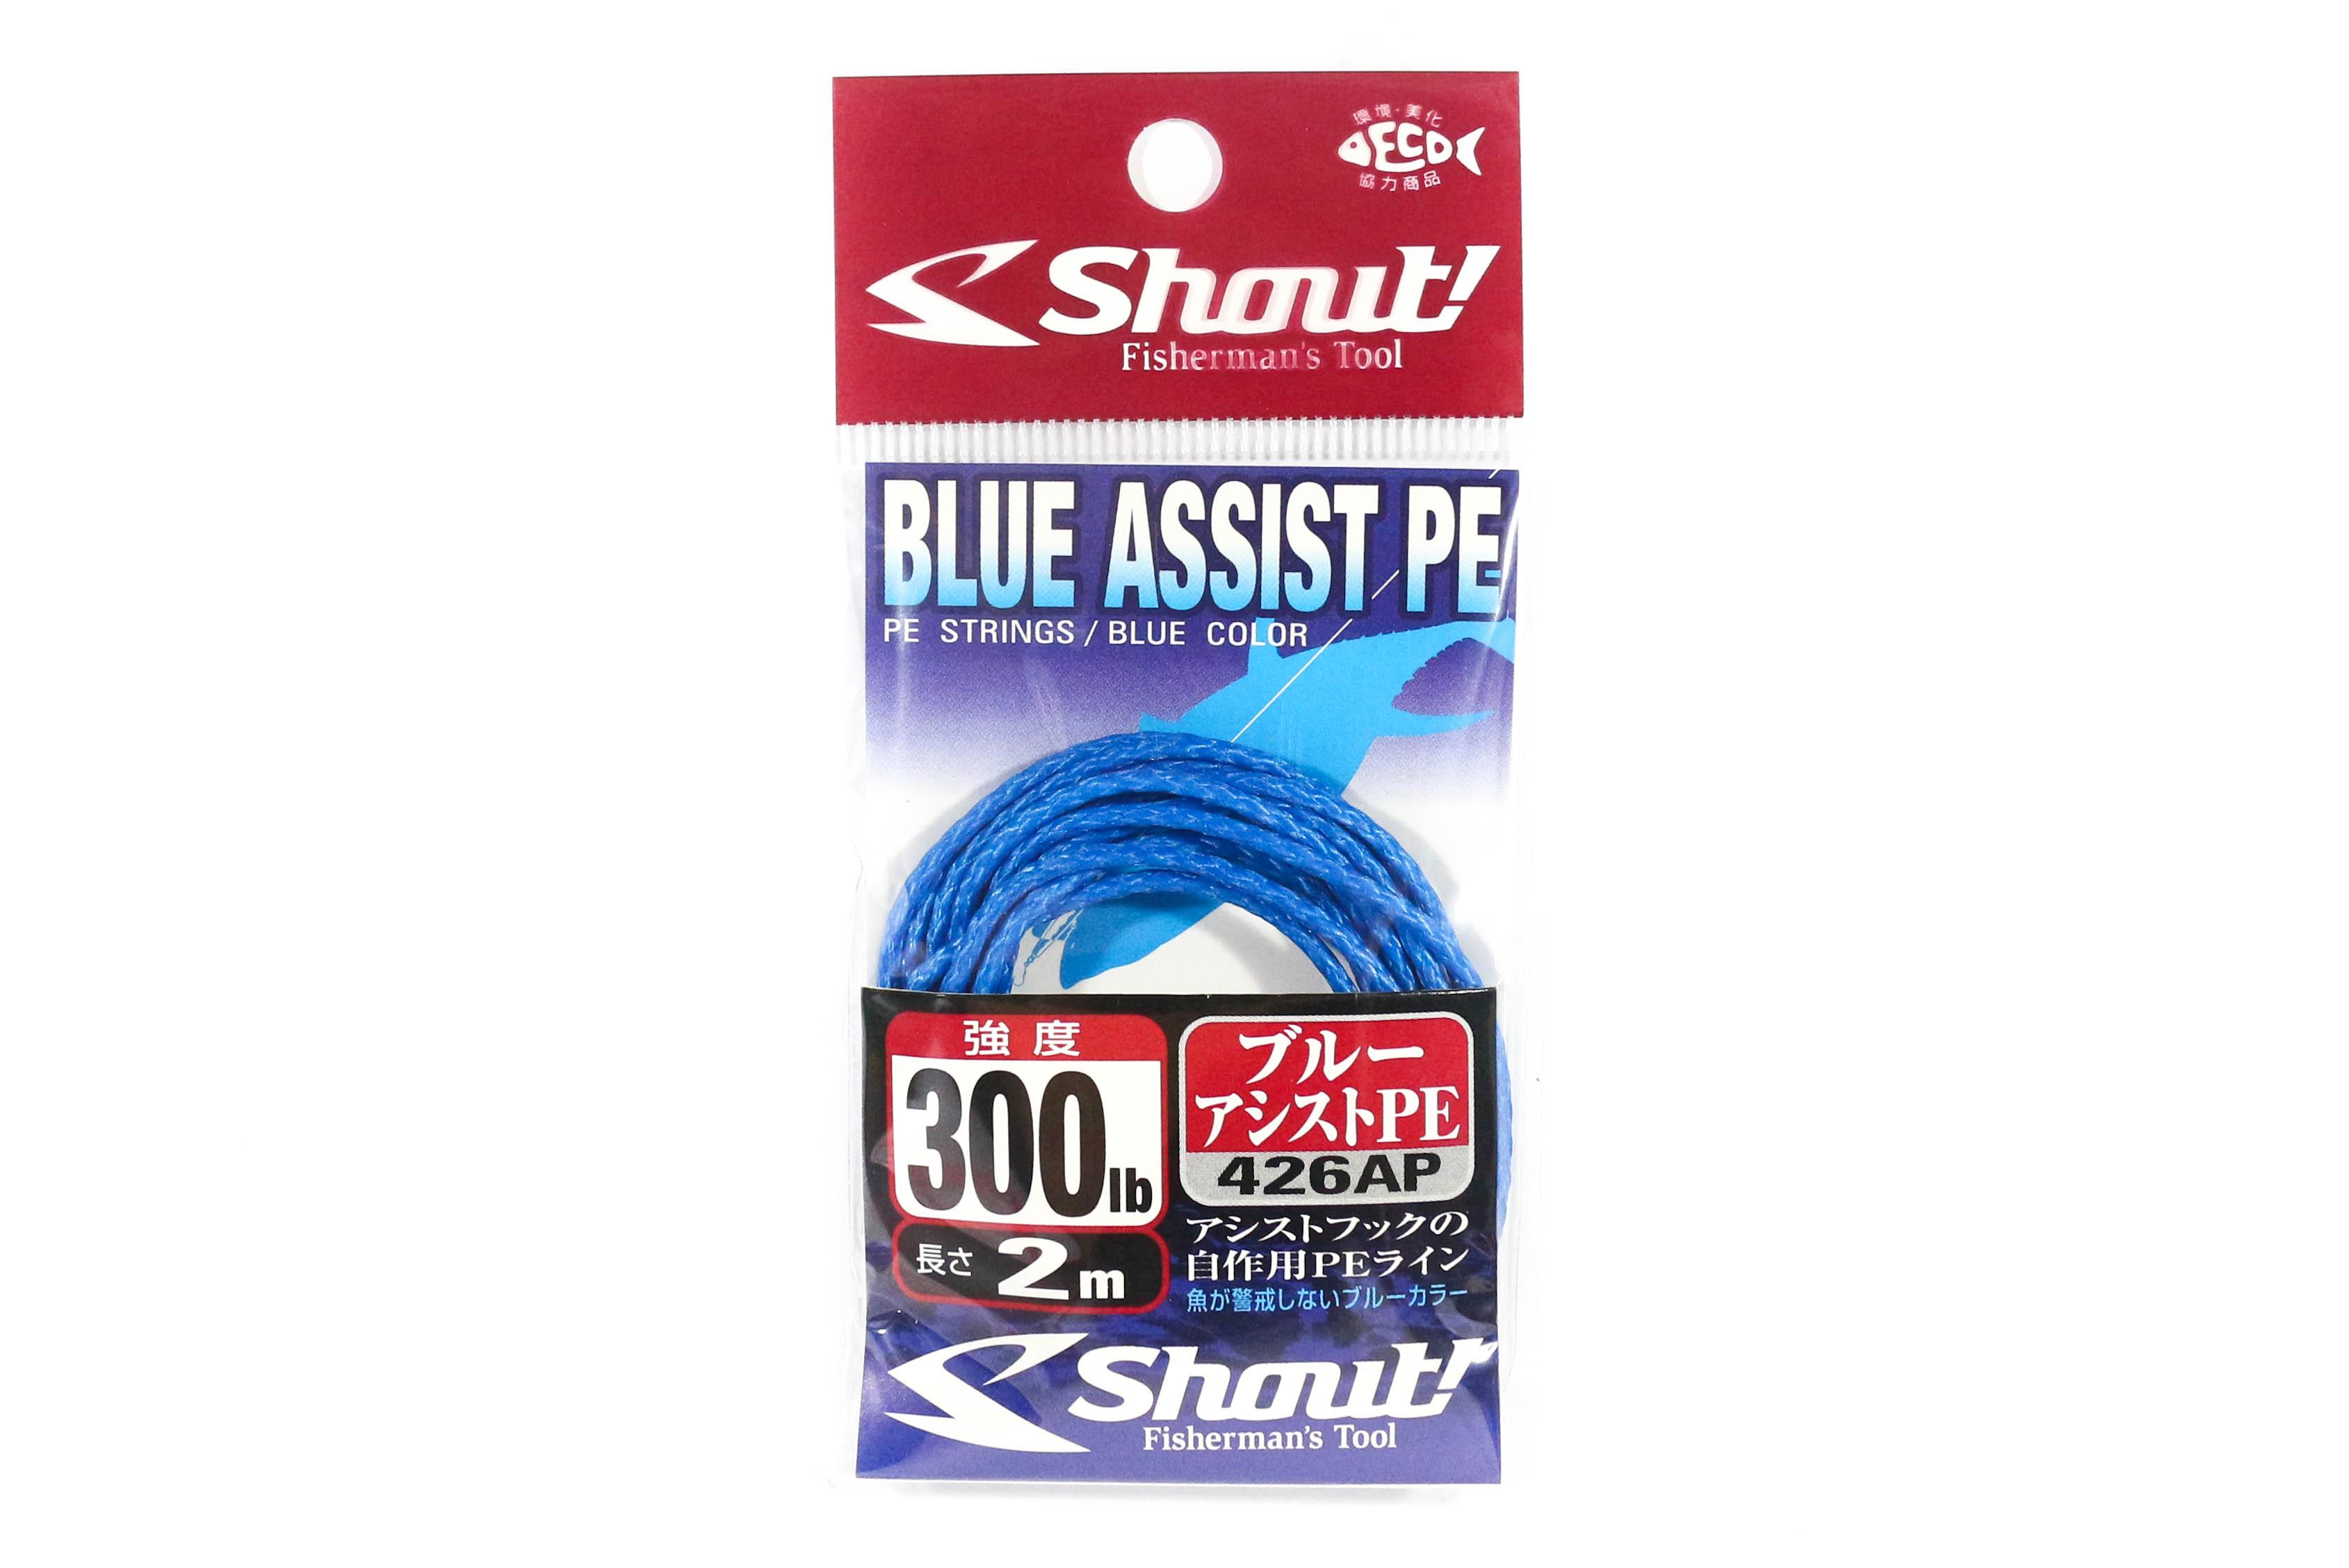 Shout 426-AP Blue Assist P.E Line Assist Rope Inner Core 2 meters 300LB (4695)